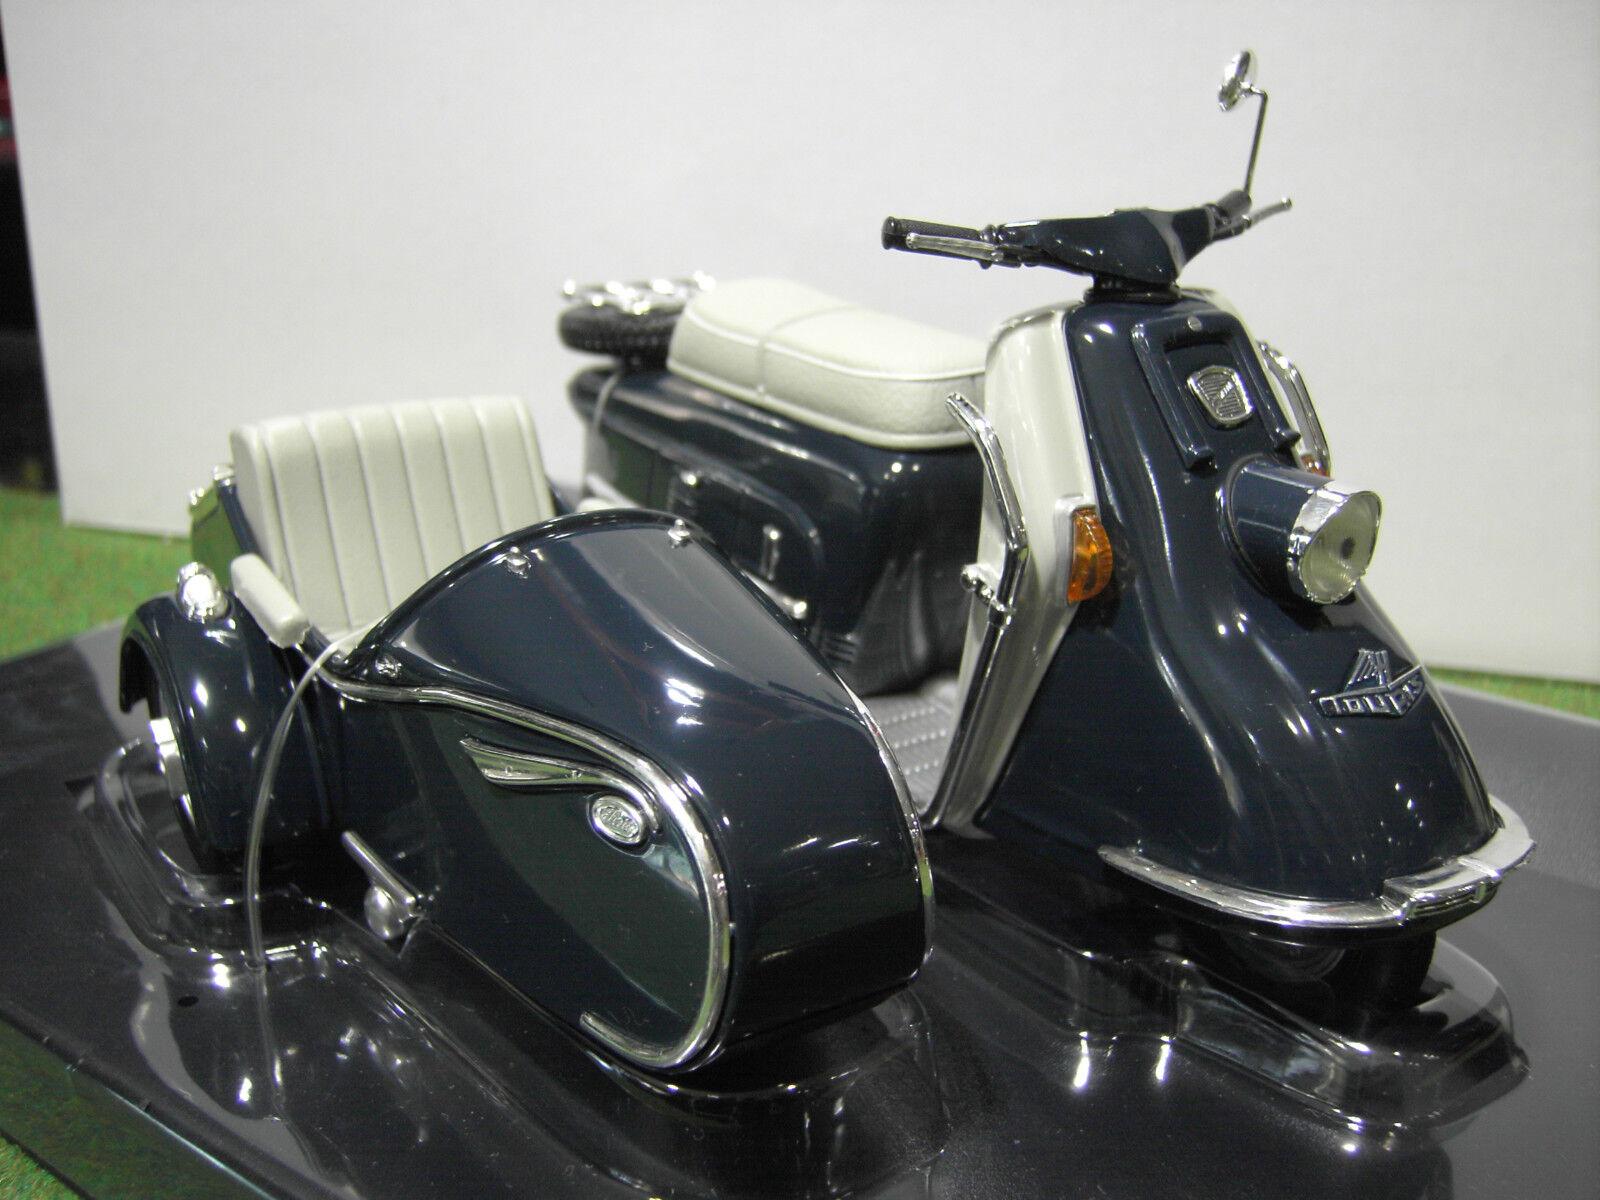 Moto HEINKEL ROLLER Side Car 1960   1965 au 1 10 SCHUCO 06540 voiture miniature